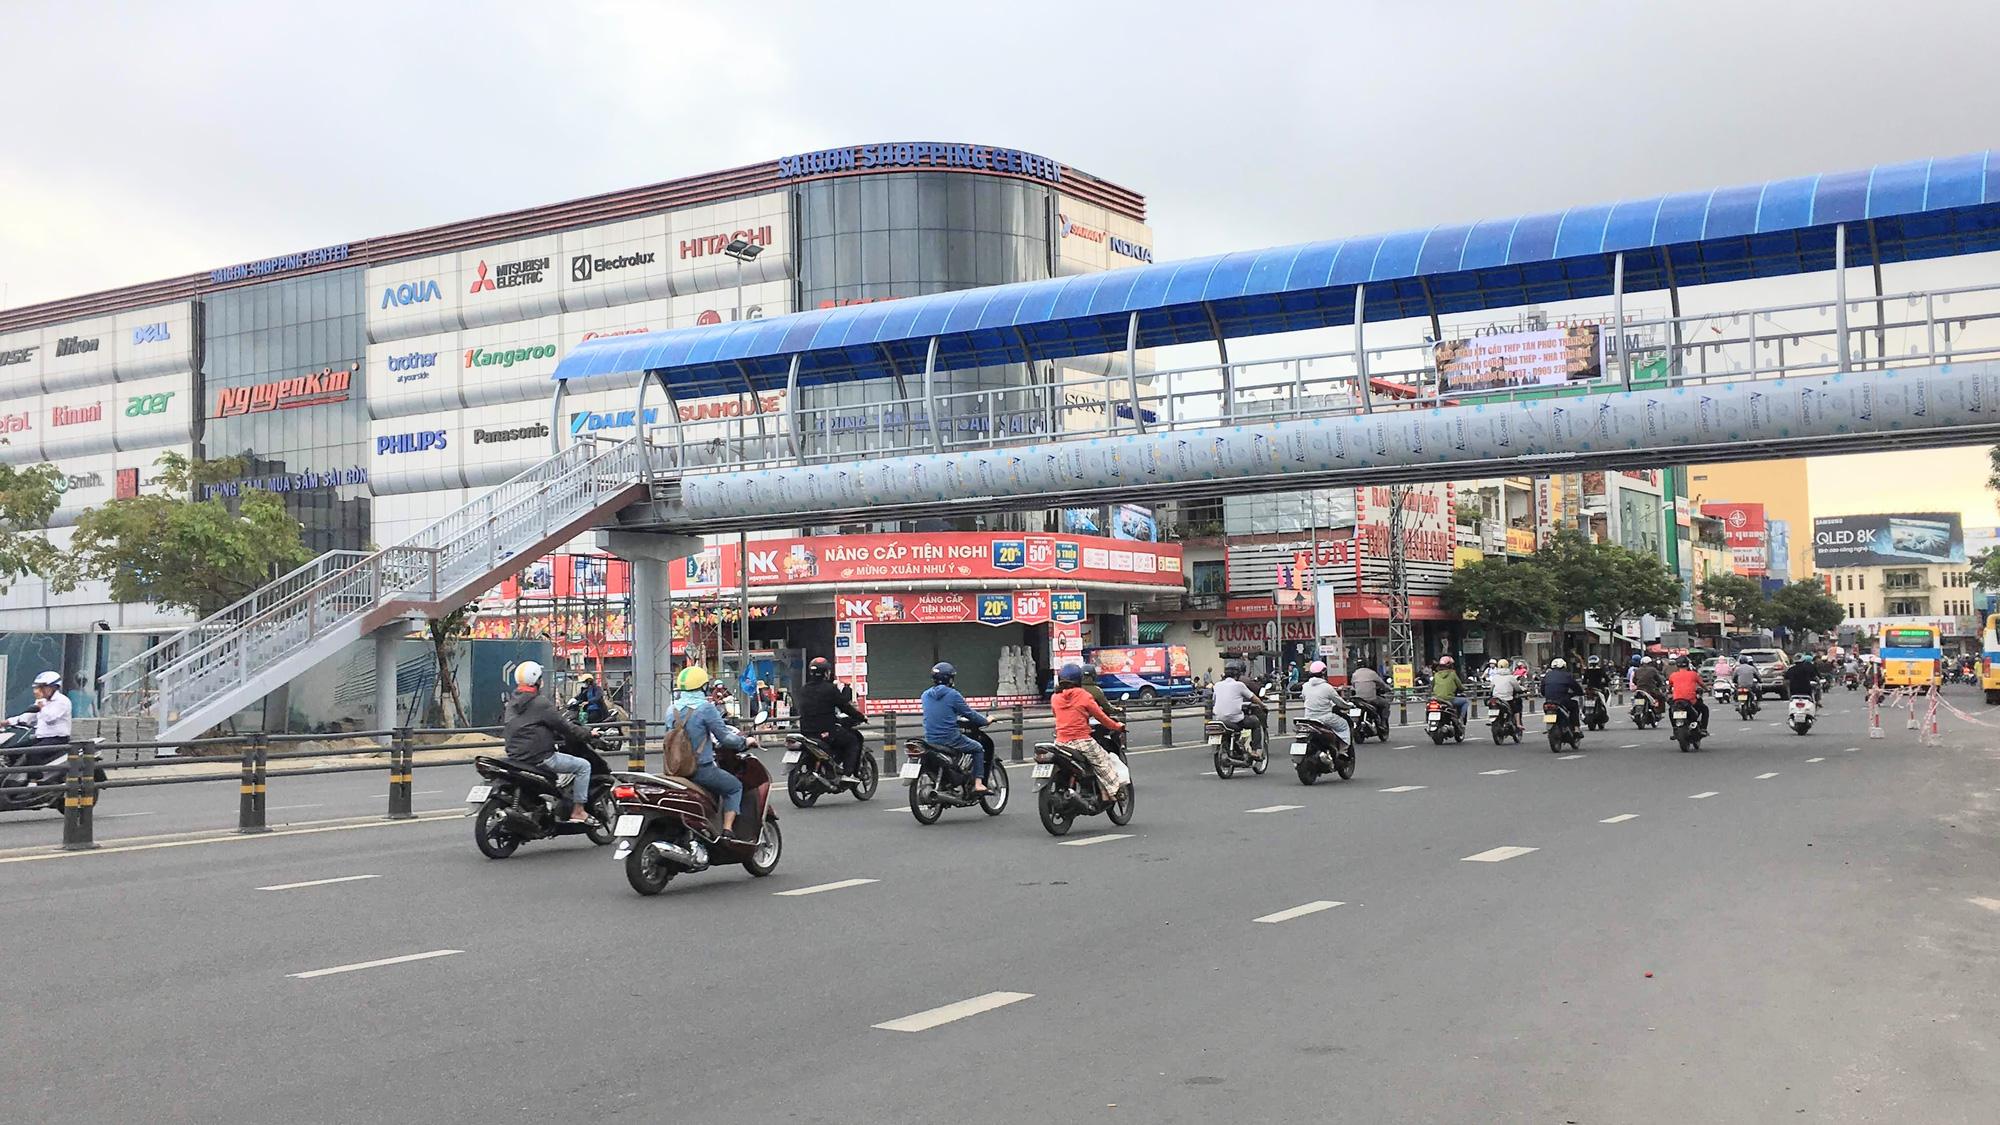 Cận cảnh cầu đi bộ tiền tỉ qua công viên 29/3 Đà Nẵng đầu tư cho người dân thụ hưởng - Ảnh 2.